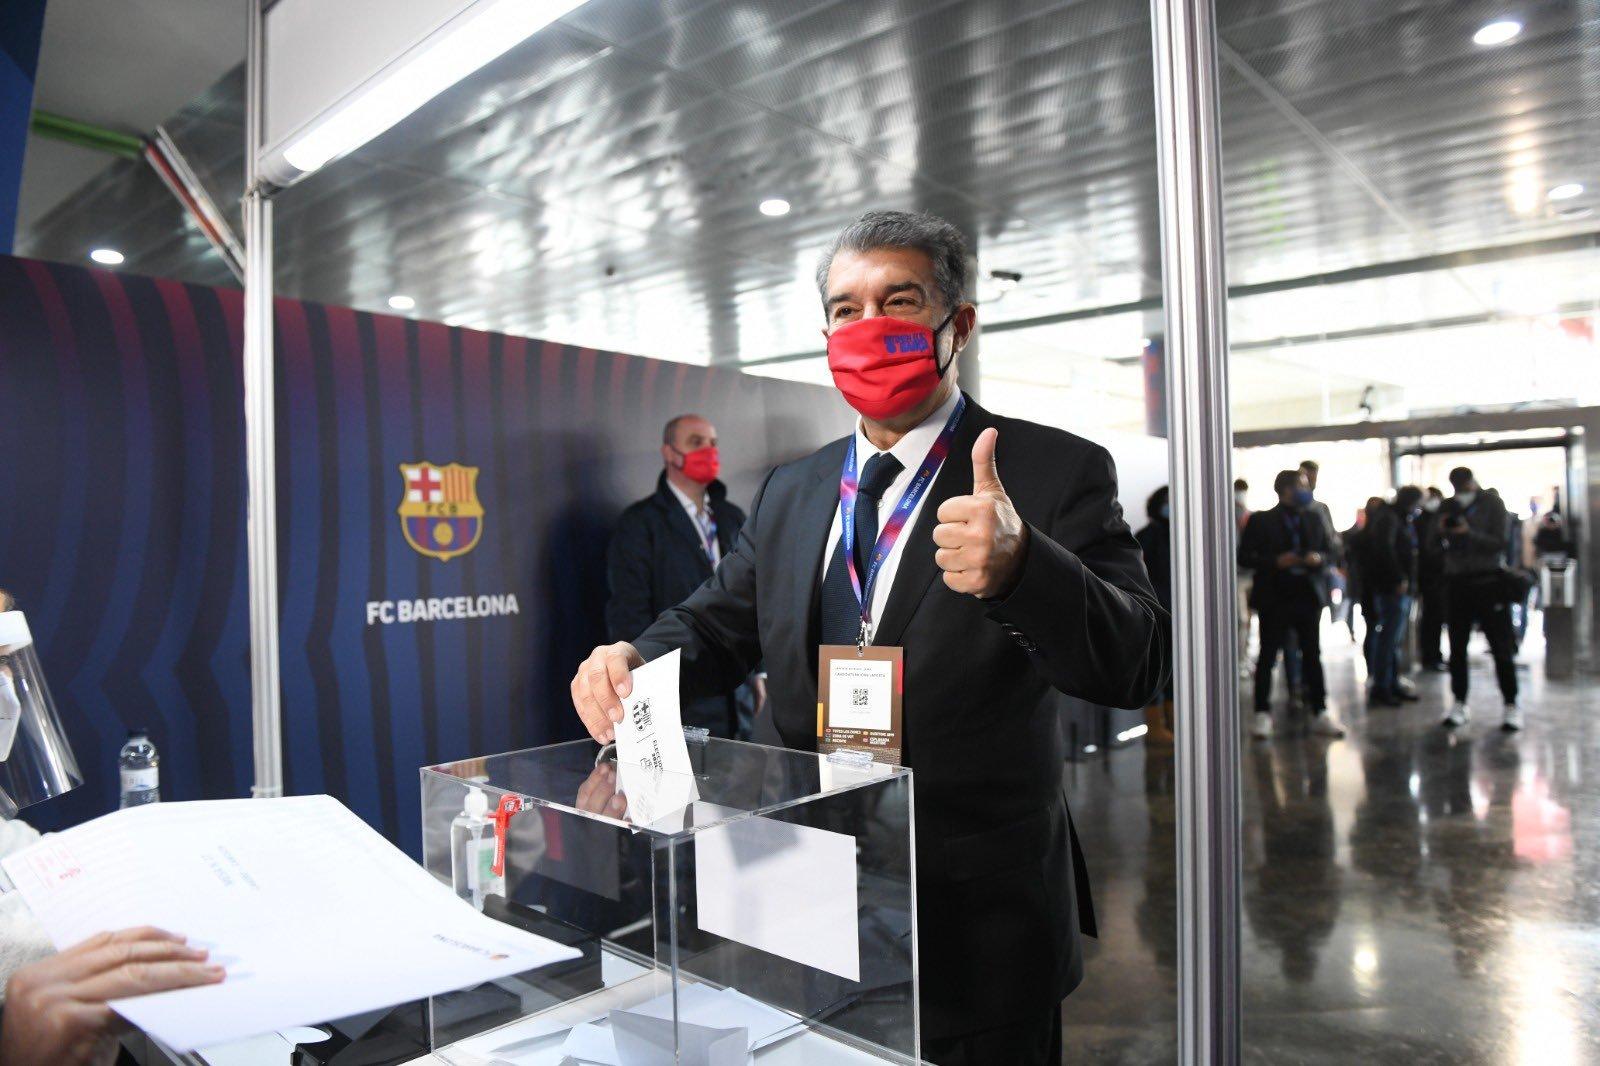 """Жоан Лапорта – президент """"Барселоны"""": первые эмоции и заявления победителя (+Фото, Видео) - изображение 3"""